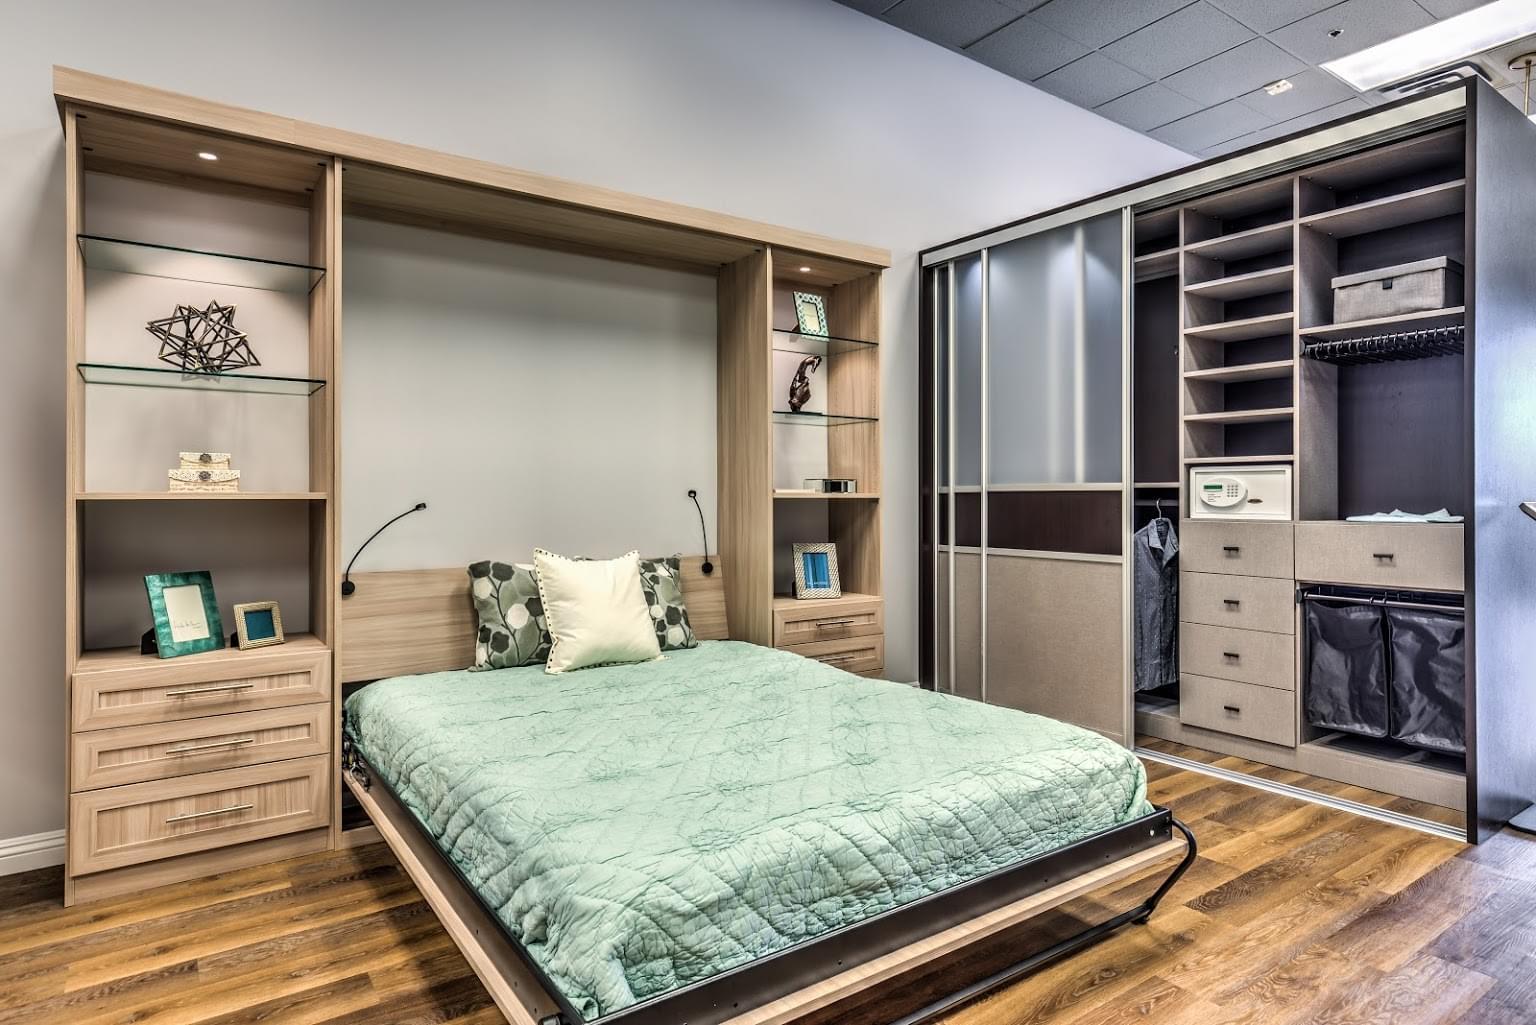 California closets murphy bed - California Closets Centennial Center Blvd Las Vegas Nv Cabinet Maker Murphy Bed